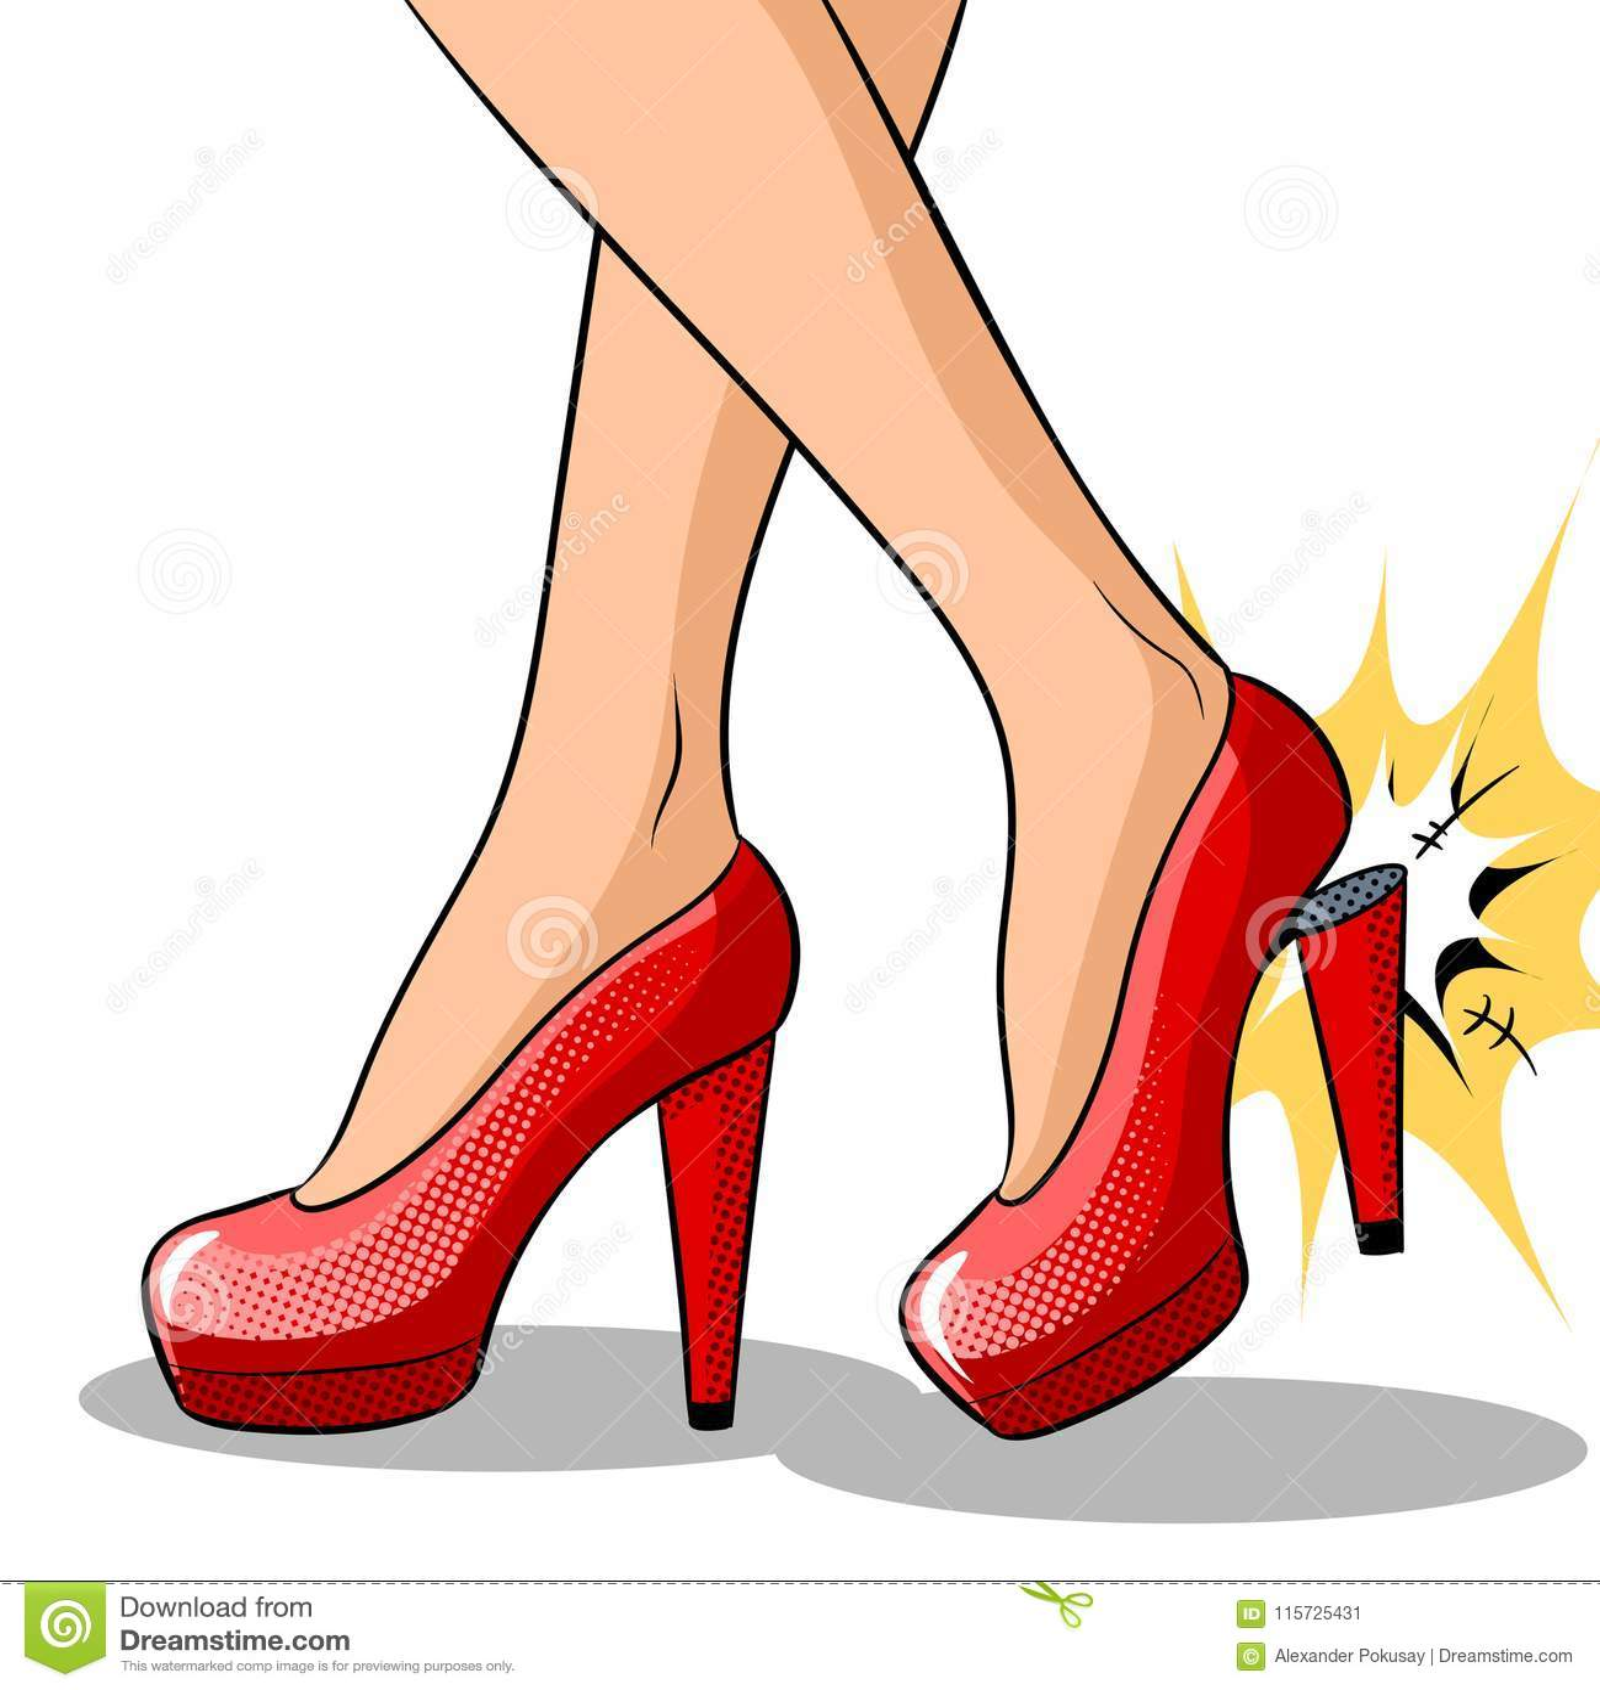 2dfddafd3bb Woman Broke Heel On Her Red Shoes Pop Art Vector Stock Vector ...